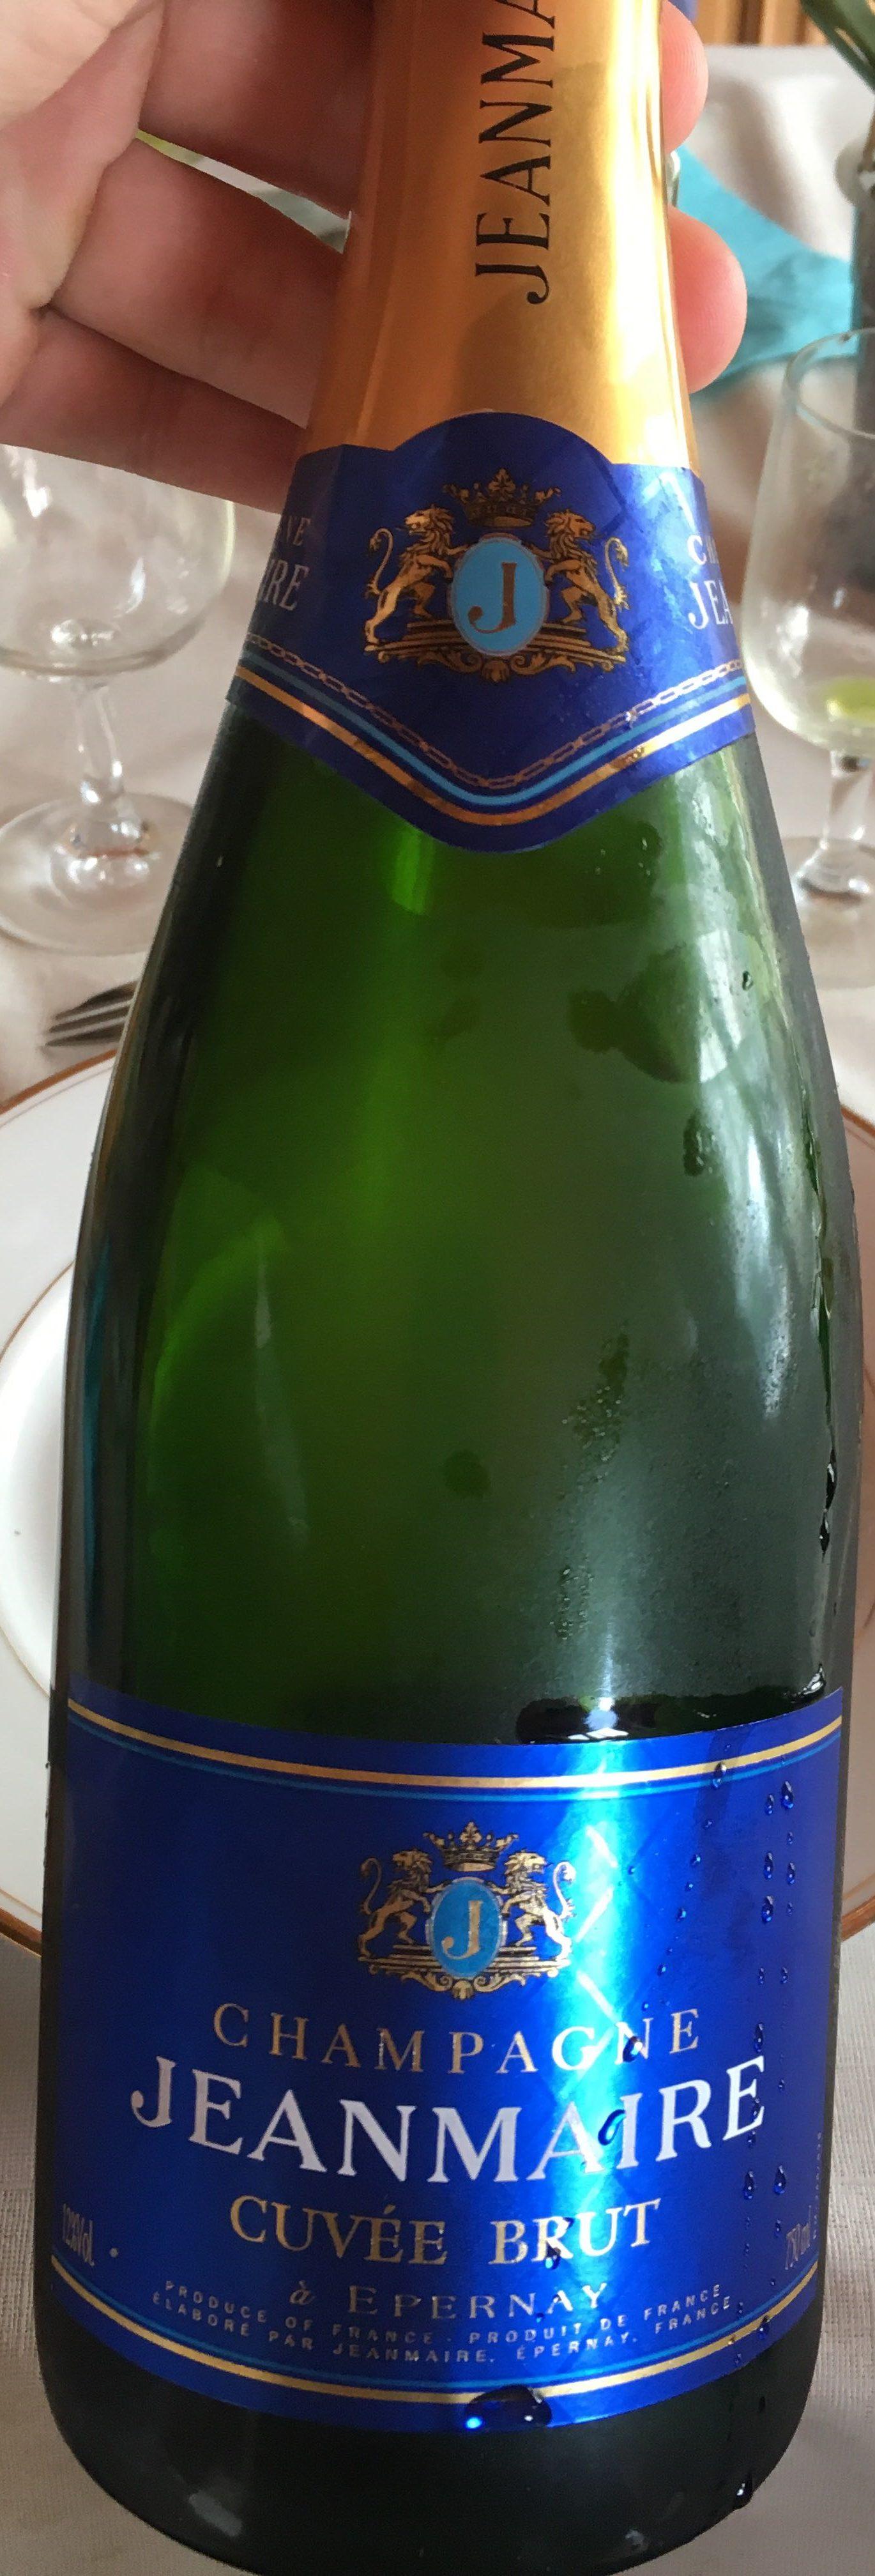 Champagne Jean Maire cuvée brute - Produit